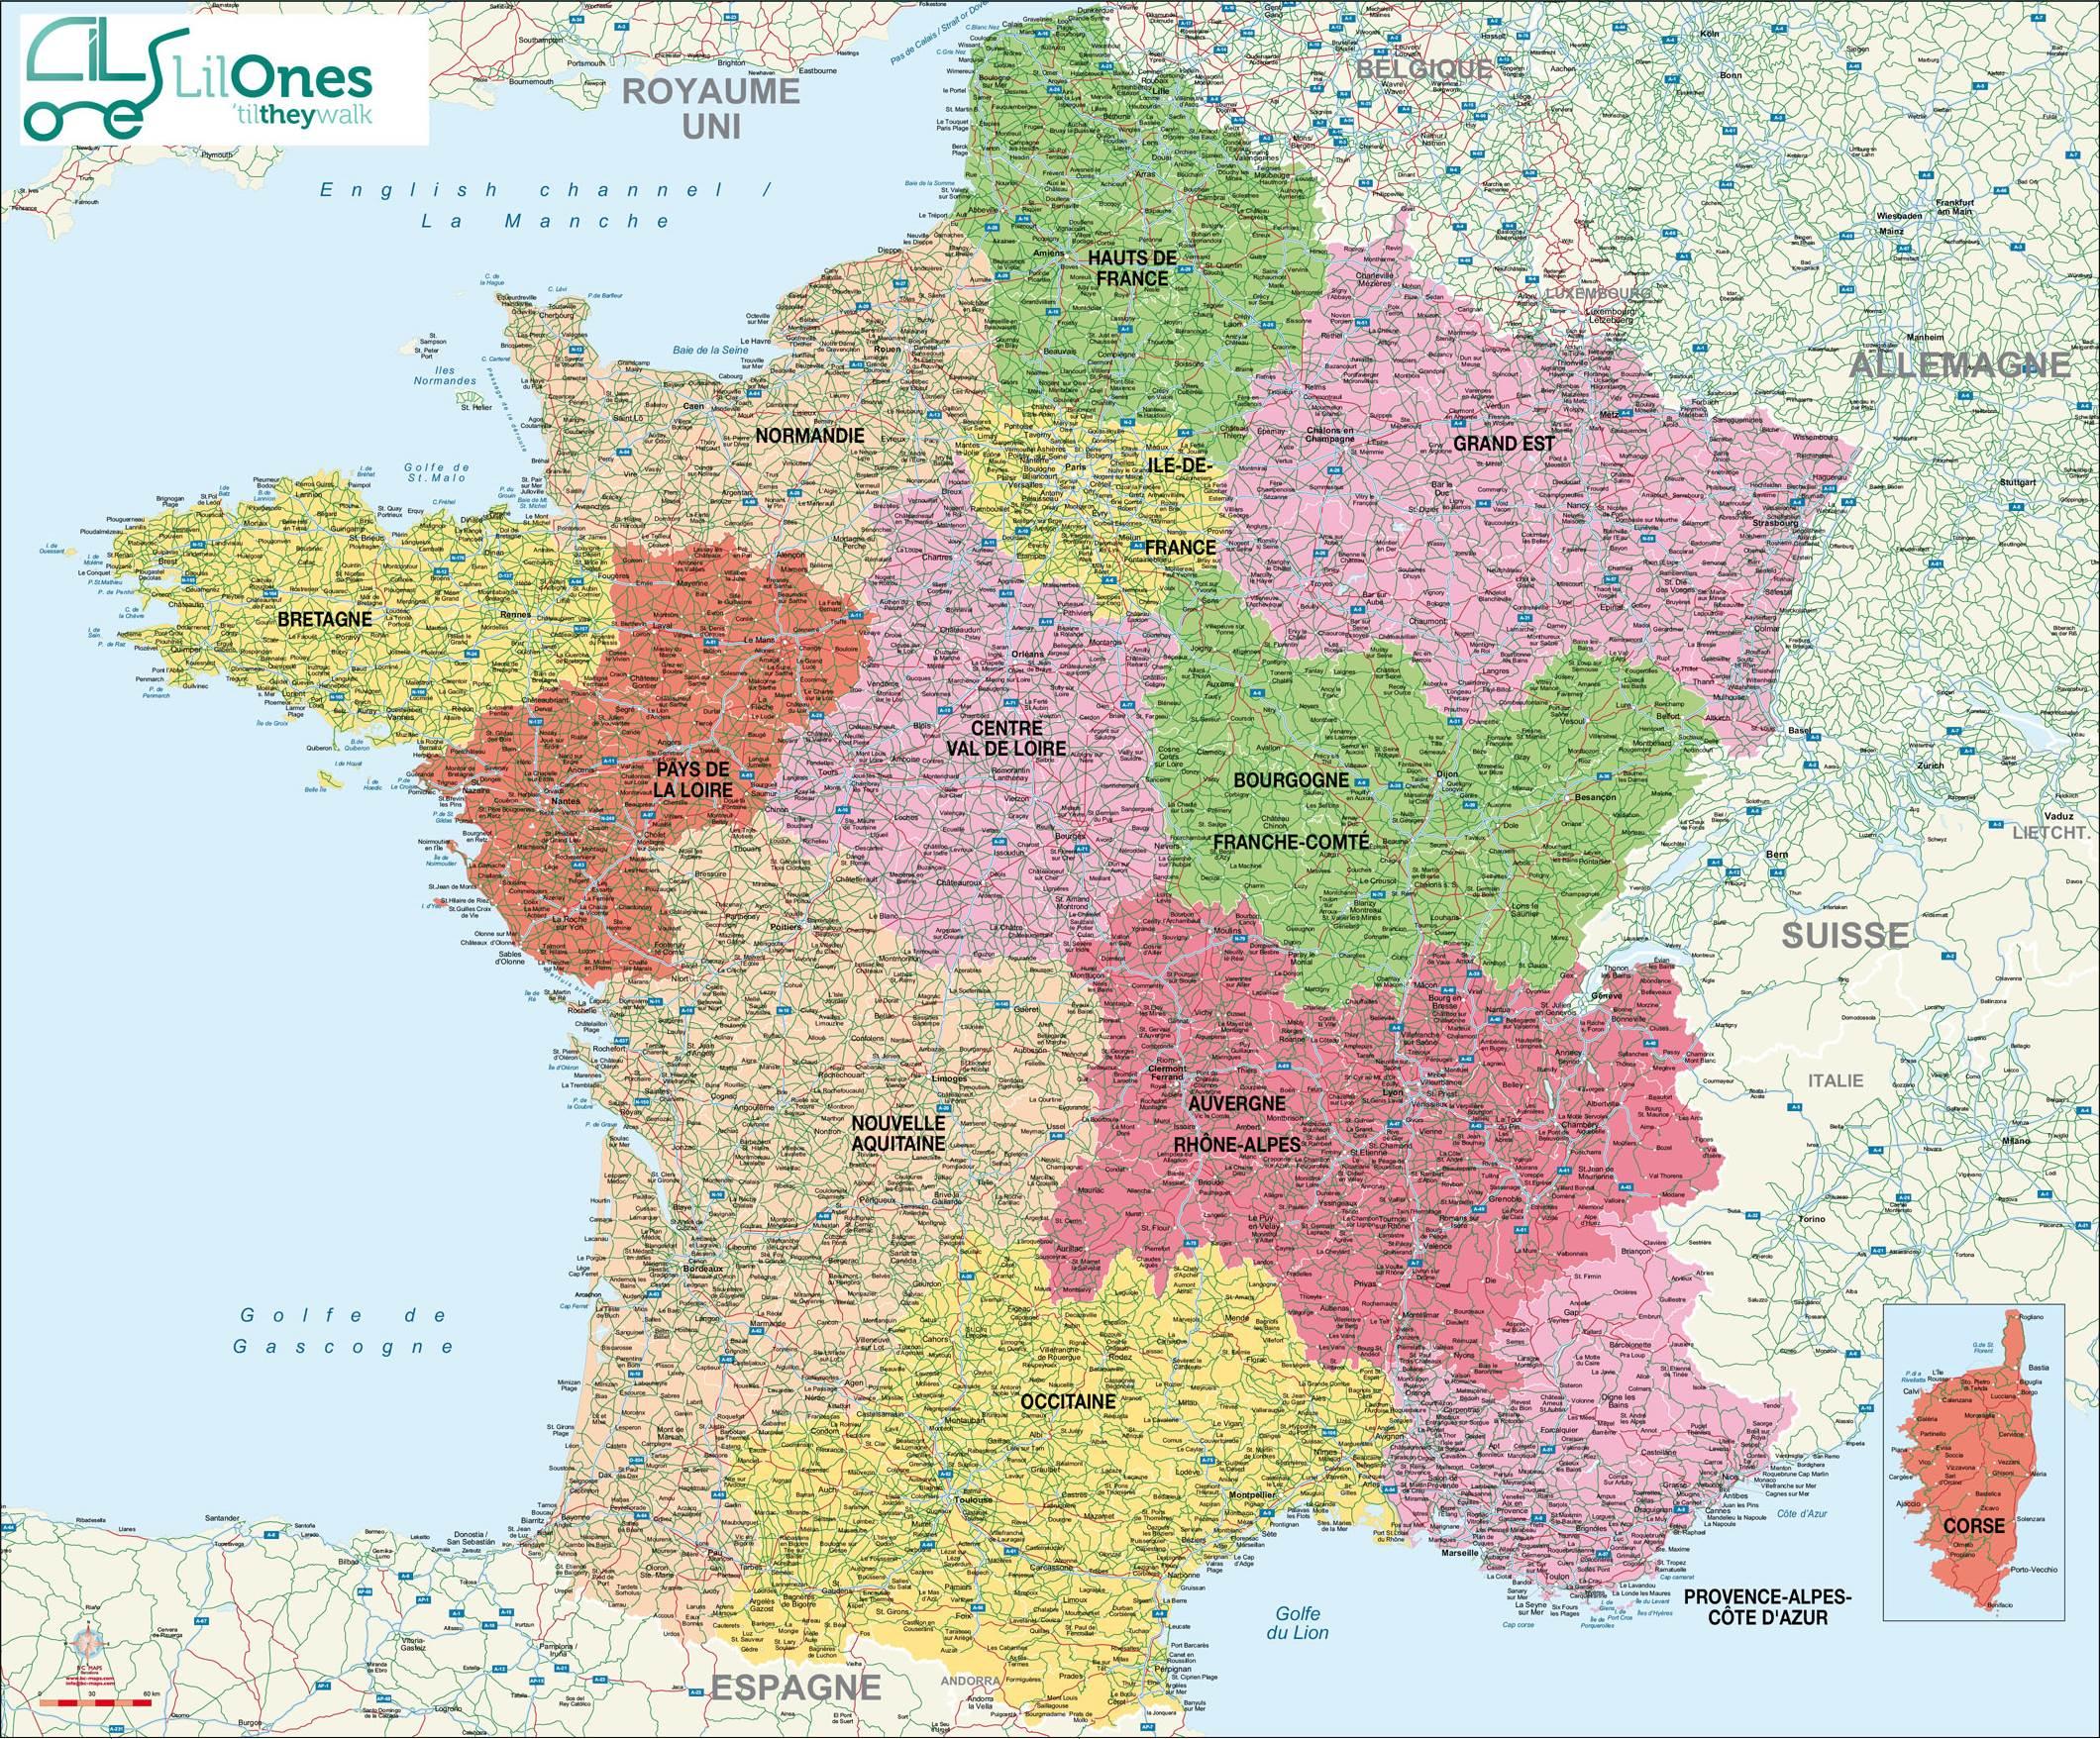 Cartes De France : Cartes Des Régions, Départements Et encequiconcerne Carte De France Par Régions Et Départements